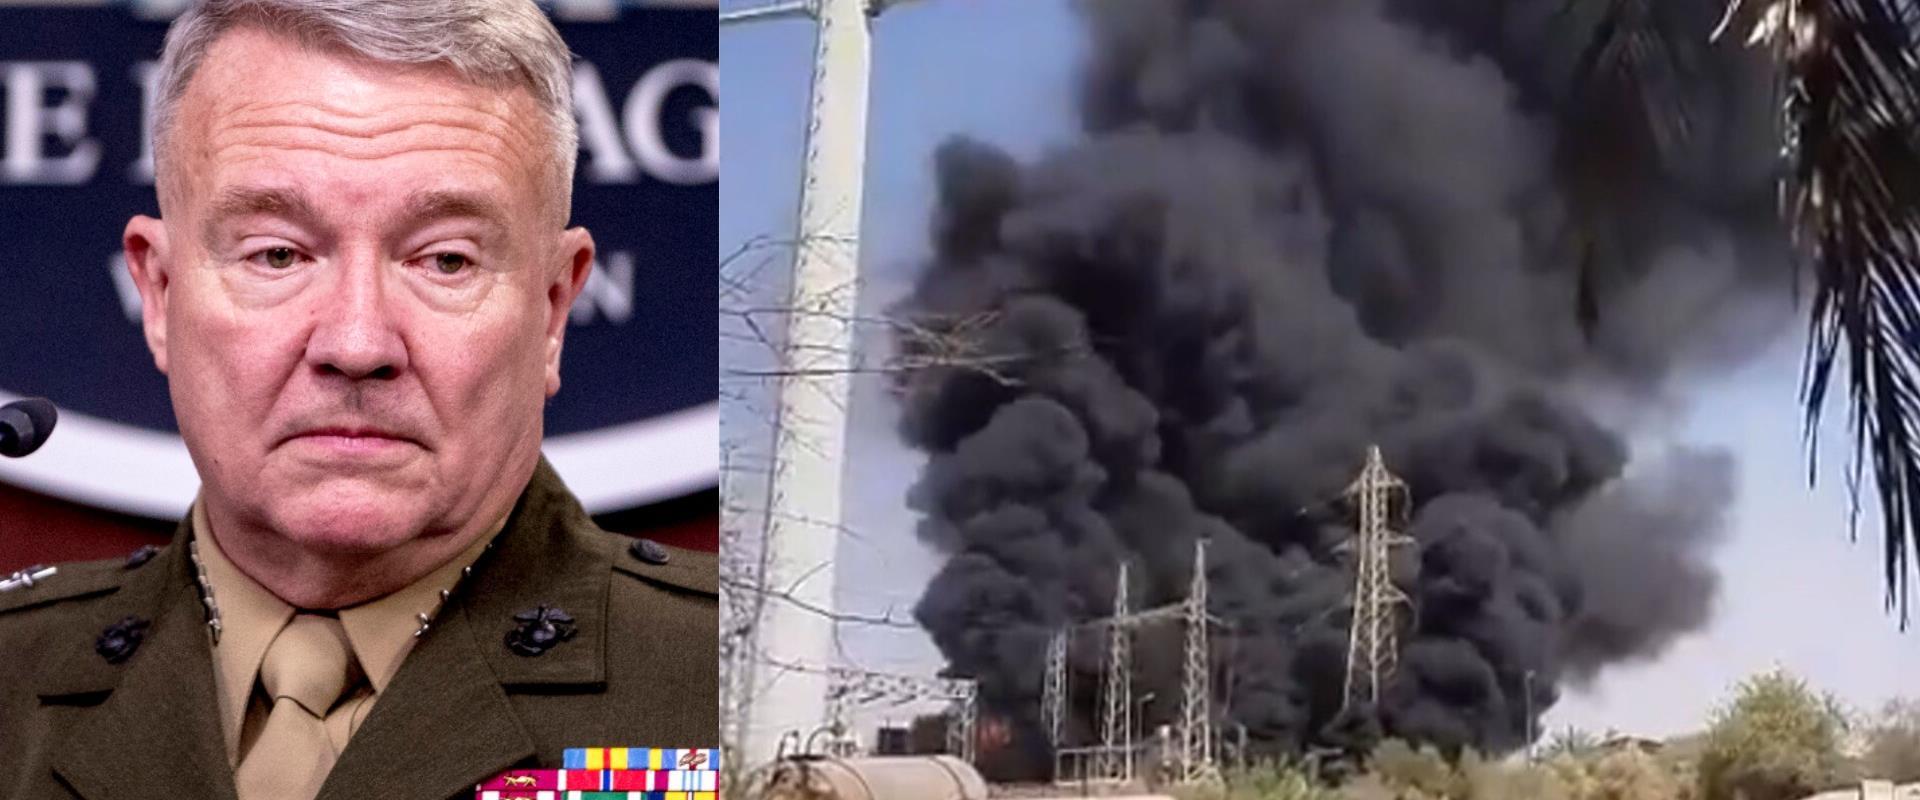 פיצות מתקן הגרעין בנתנז, מפקד פיקוד המרכזי האמריקנ